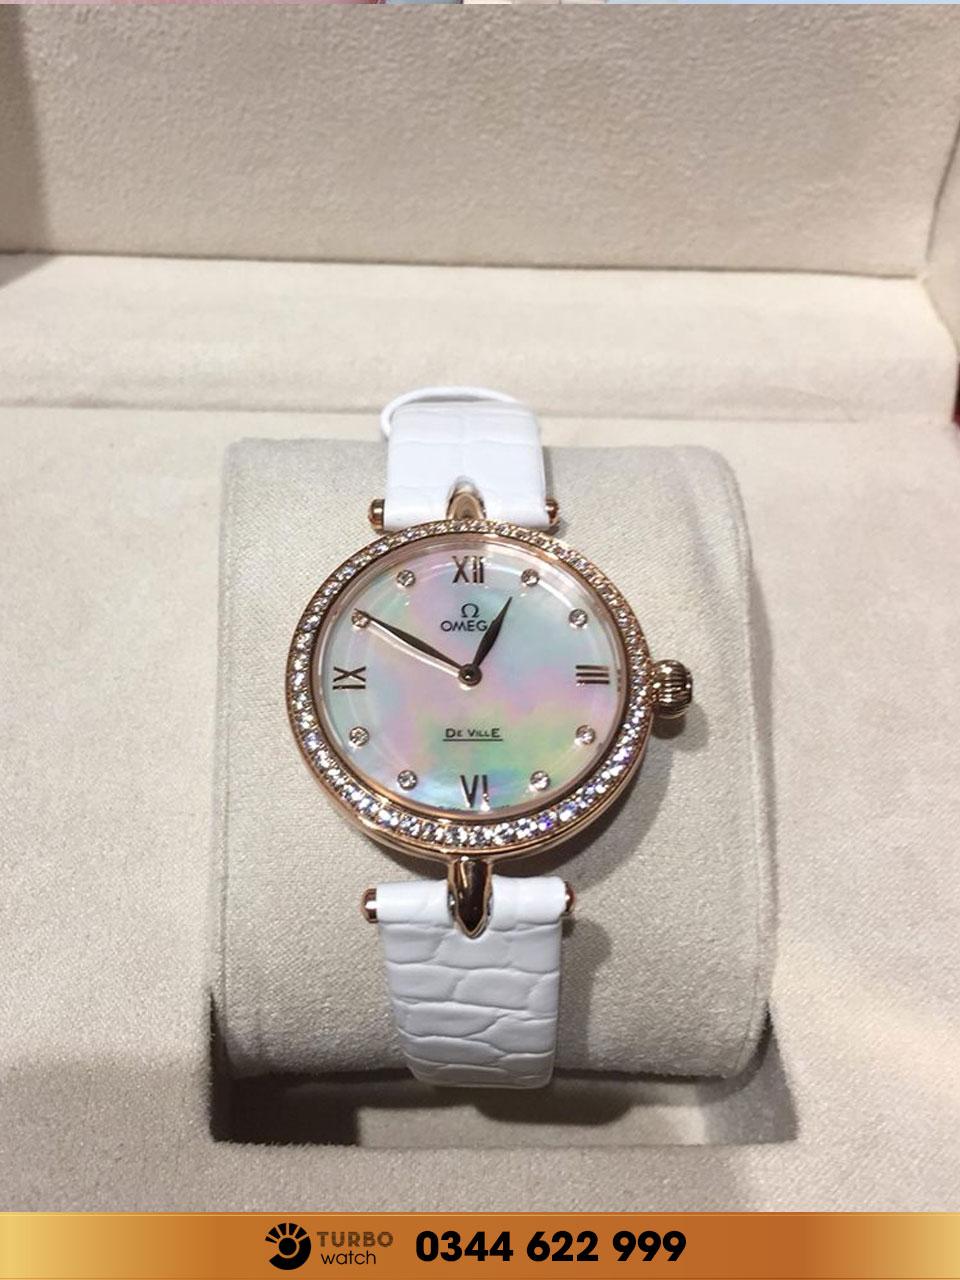 Omega là một thương hiệu đồng hồ cao cấp được thành lập bởi Louis Brandt